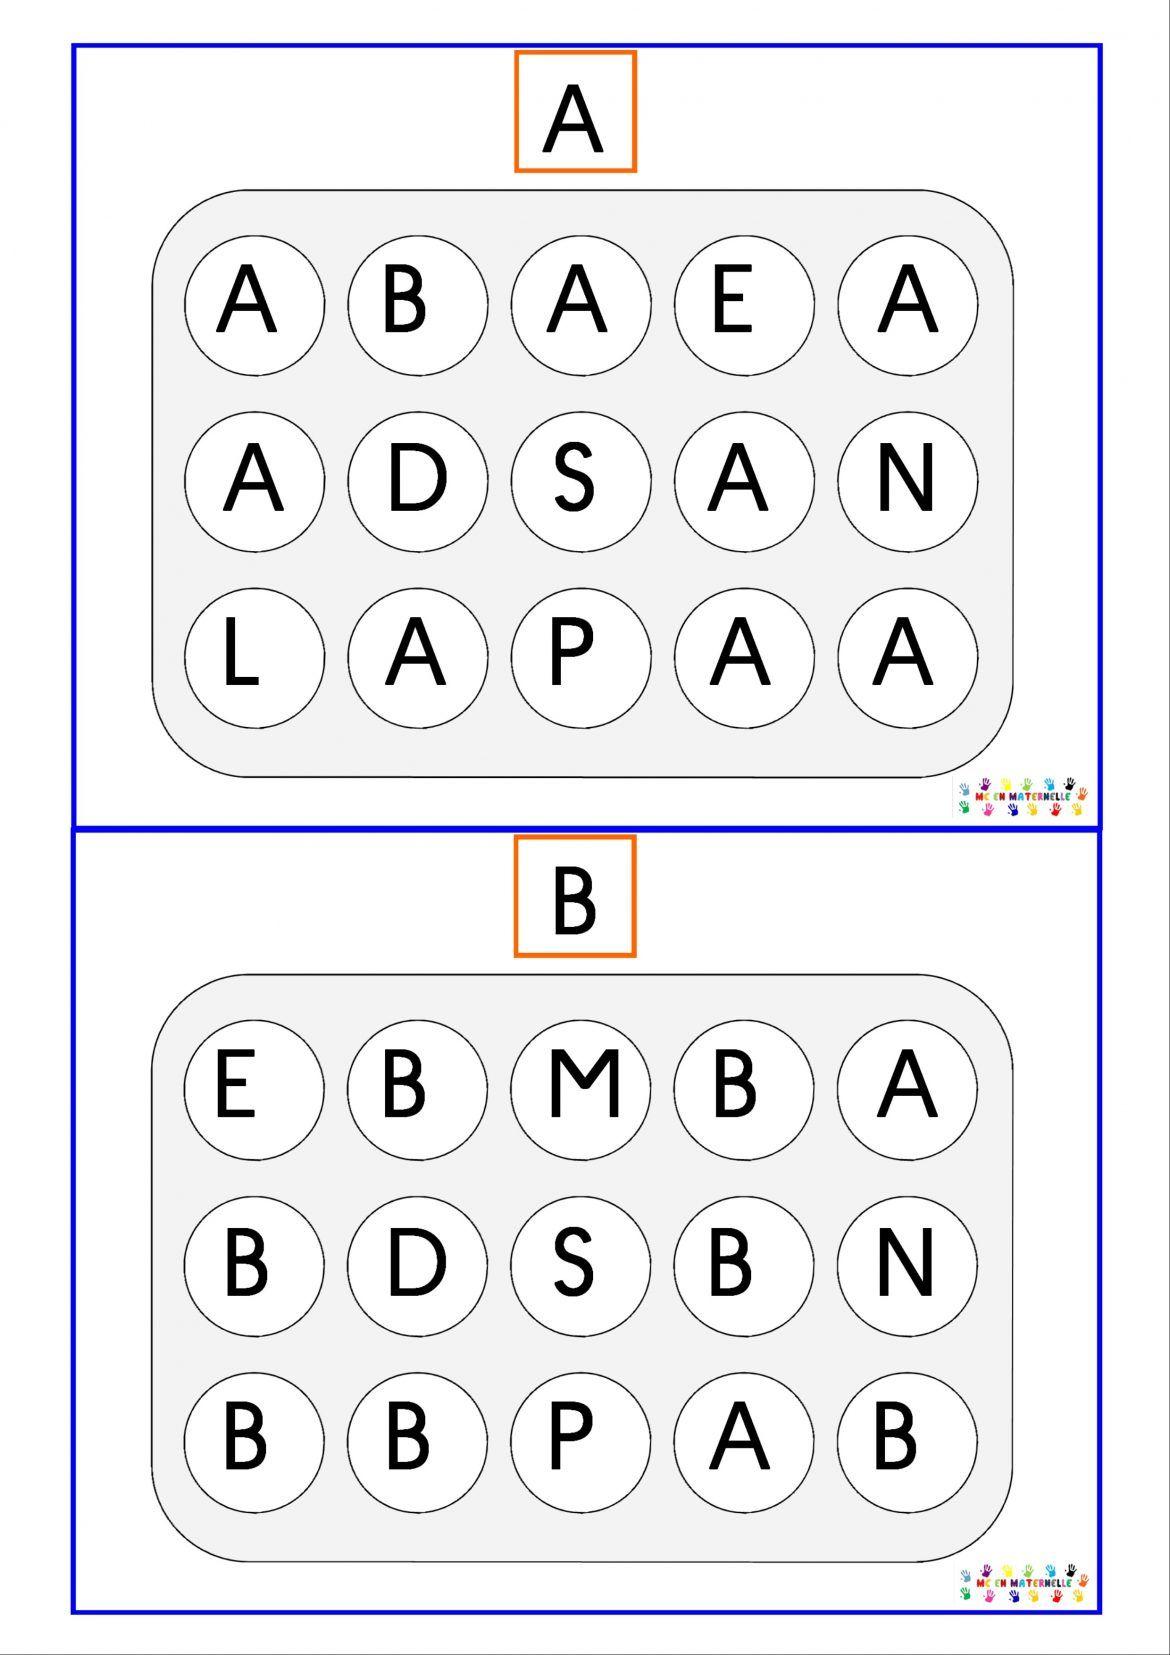 Reconnaissance des lettres majuscules boulot reconnaissance des lettres lettre a et les - Lettre de l alphabet en majuscule a imprimer ...